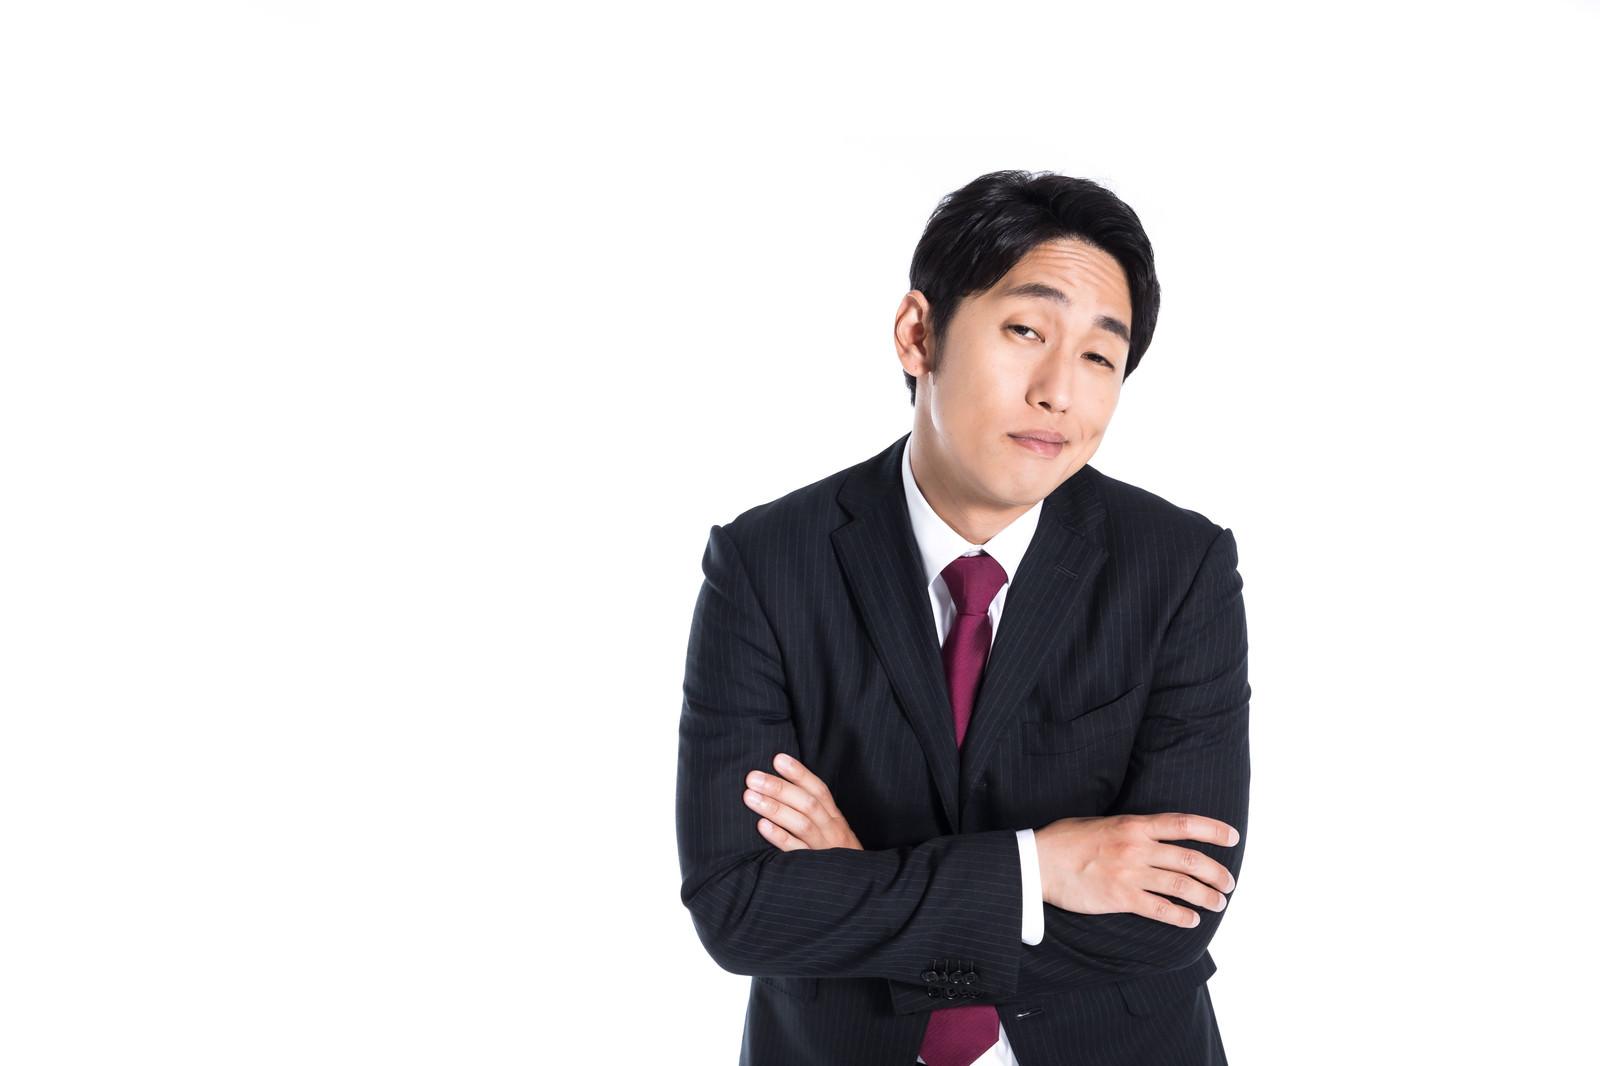 「聞く耳を持たない上司」の写真[モデル:大川竜弥]